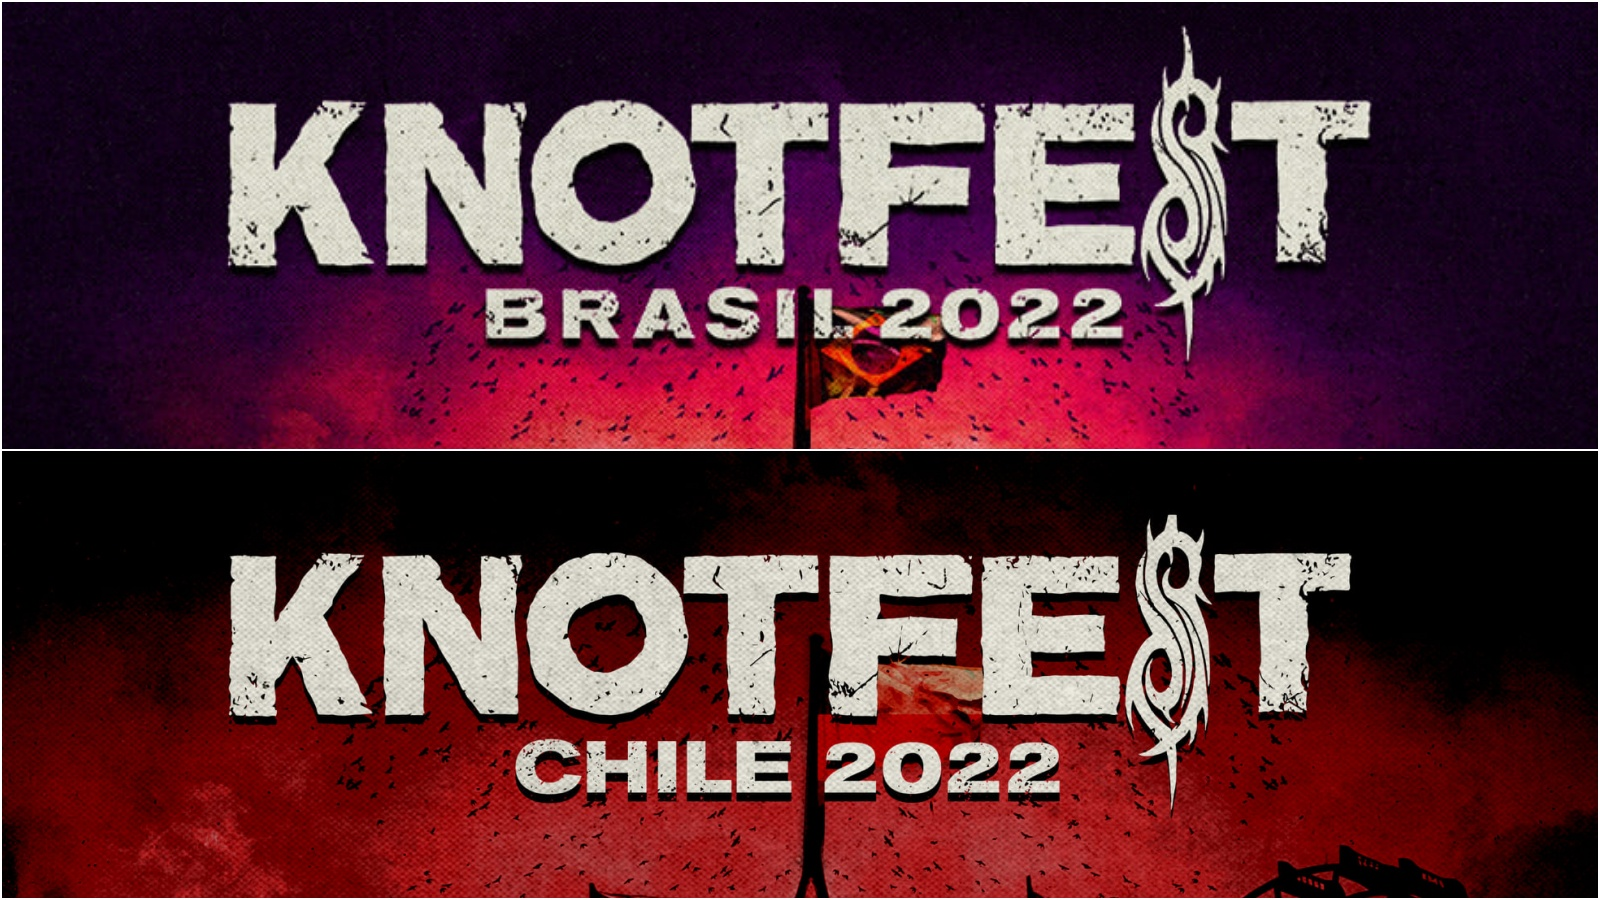 Slipknot Knotfest Chile Brasilien